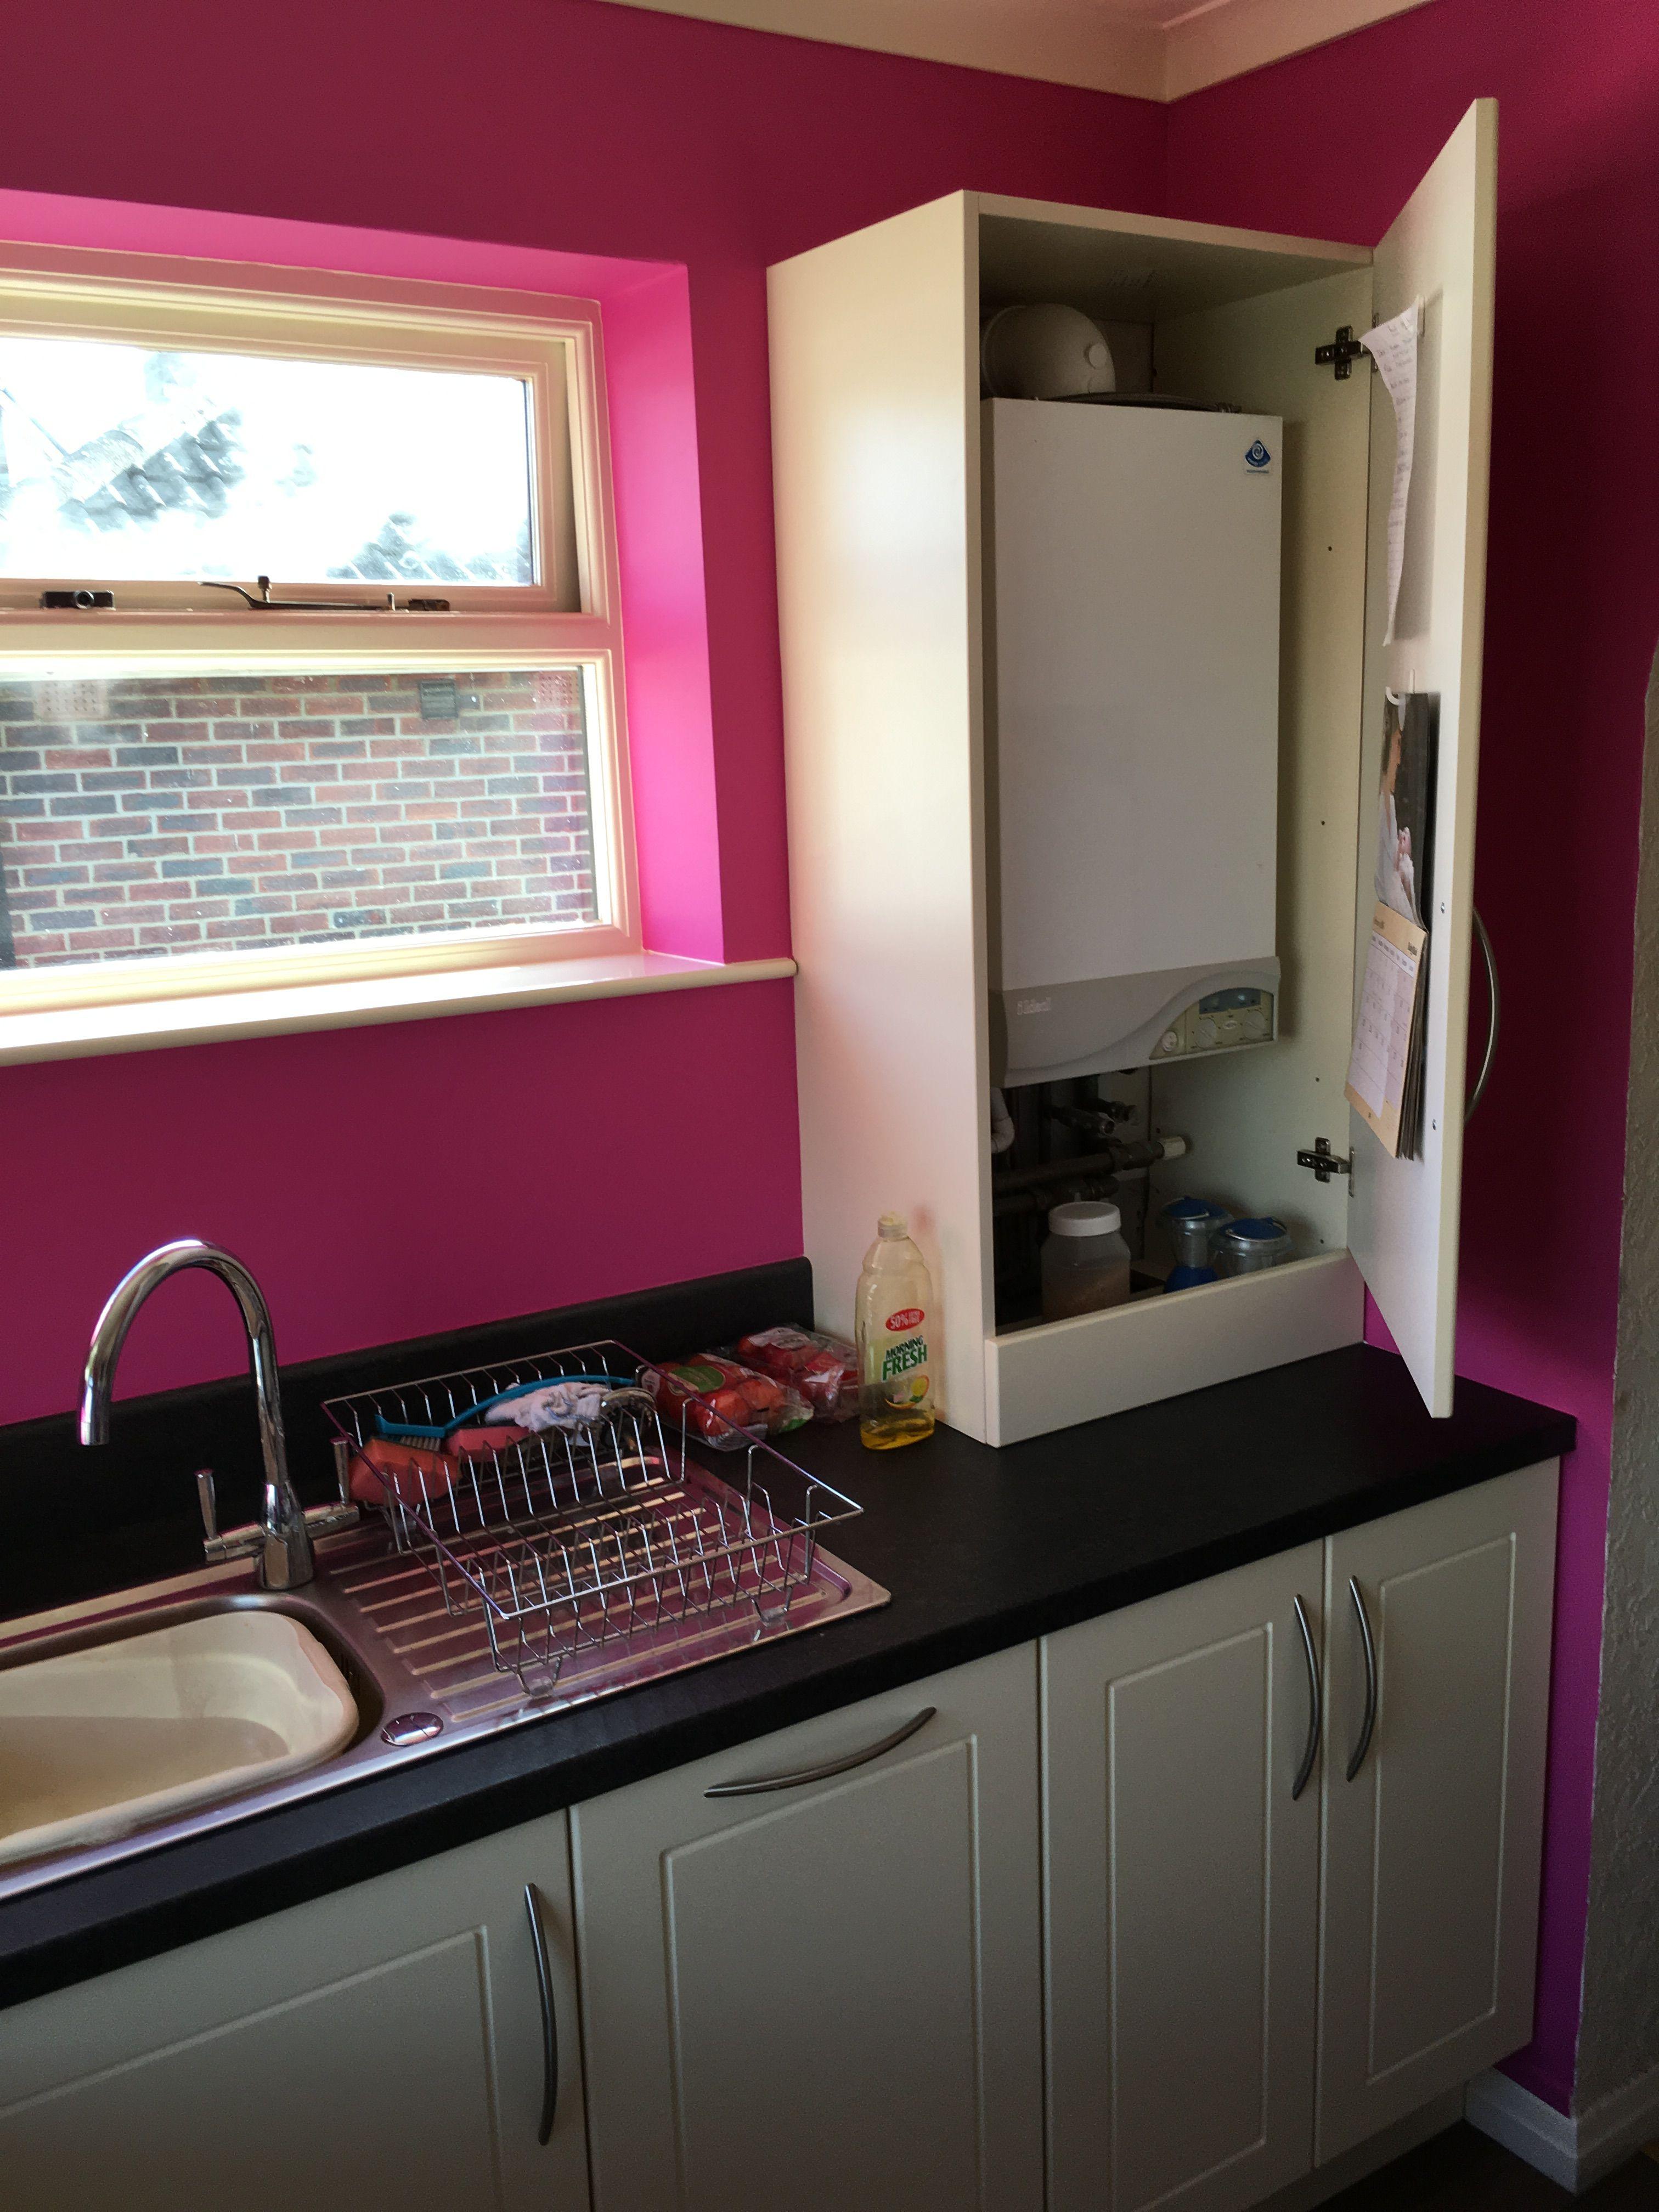 Boiler Housing Bathroom Inspiration Decor Boiler Cover Ideas Kitchen Countertops Laminate